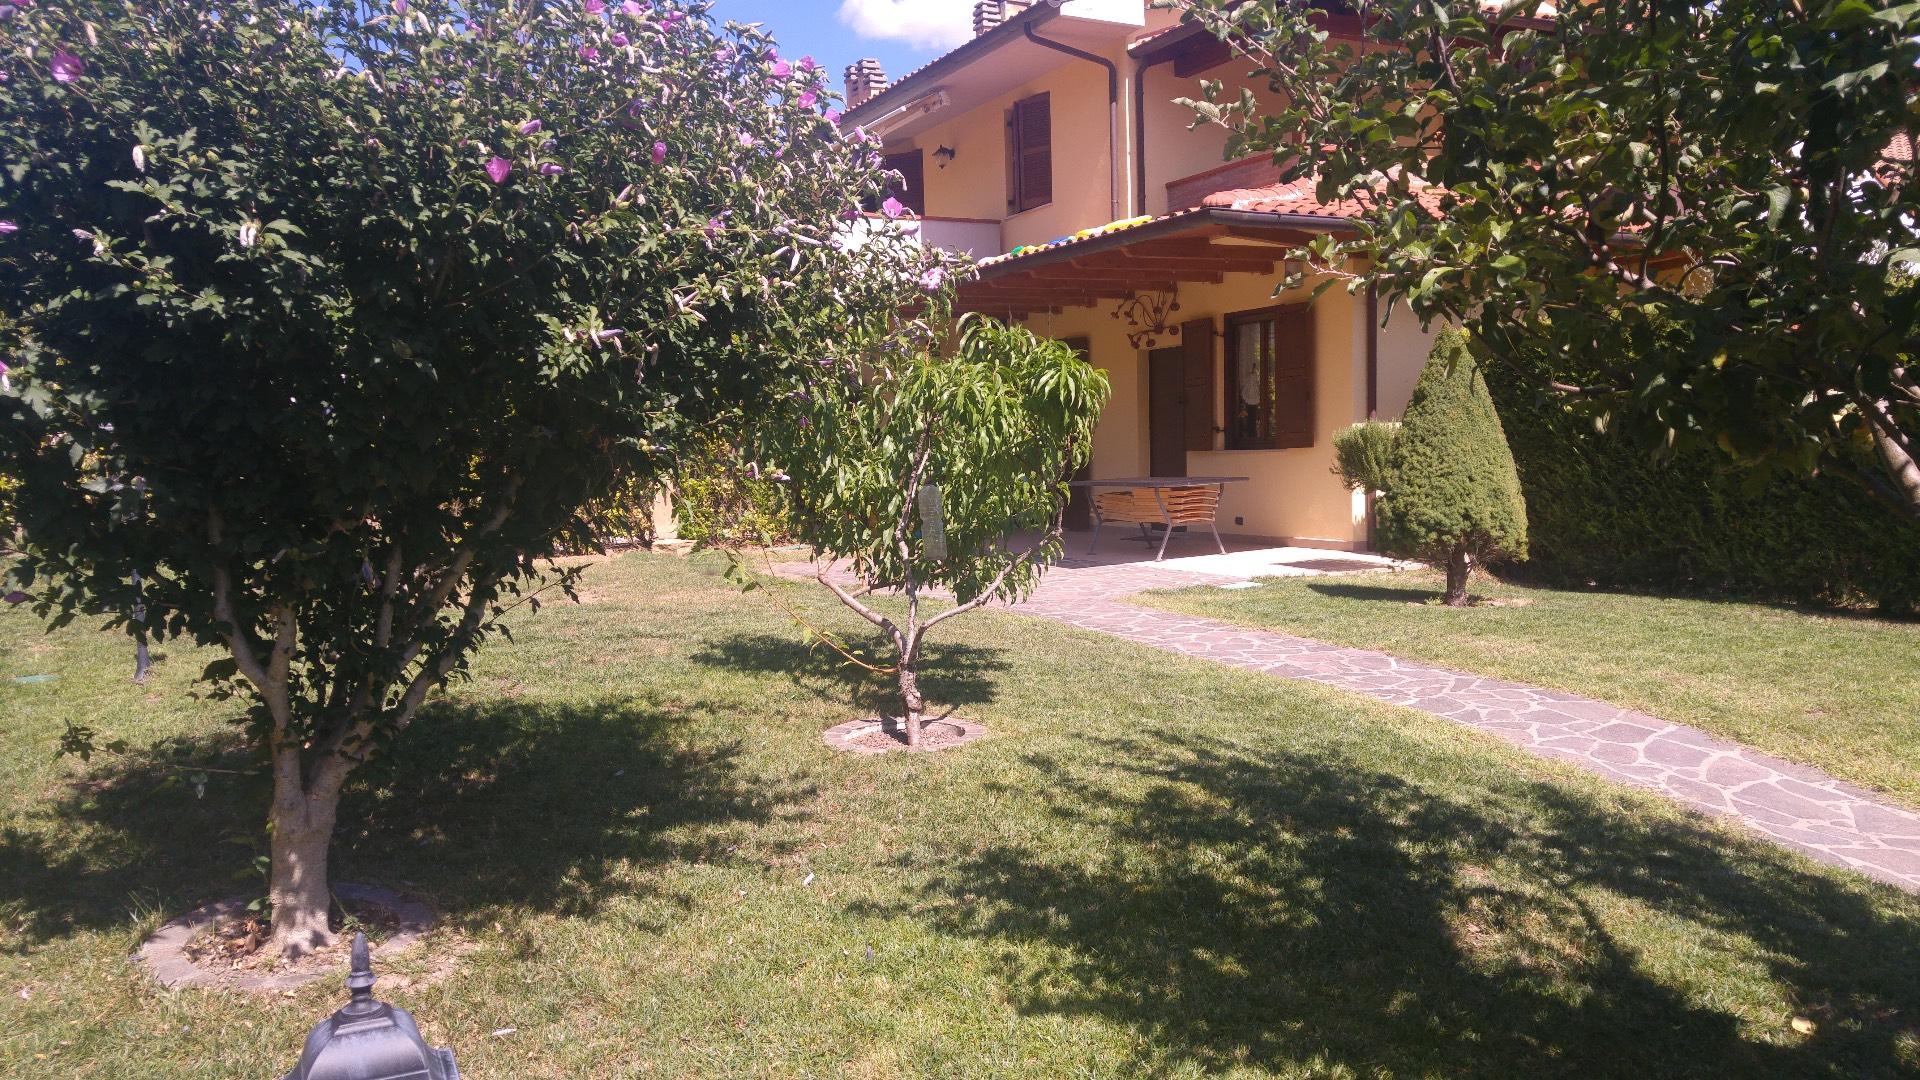 Appartamento in vendita a Fabriano, 5 locali, zona Località: FRAZIONI, prezzo € 160.000   CambioCasa.it